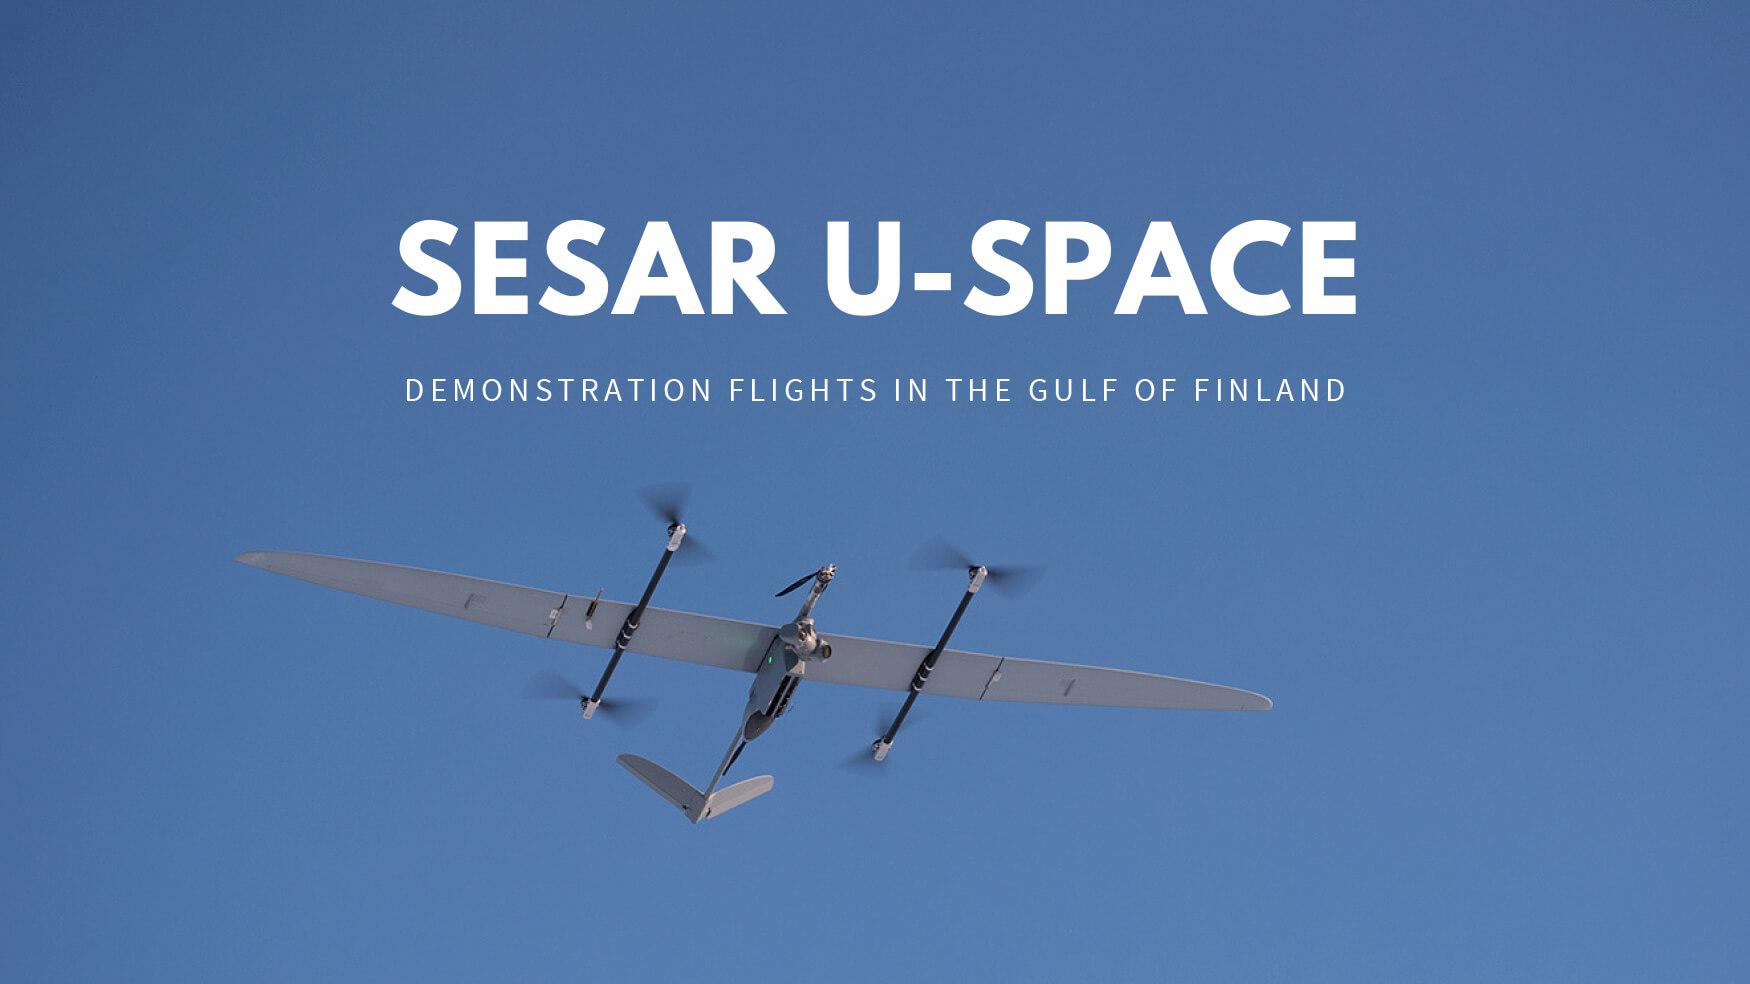 SESAR JU GOF U-Space